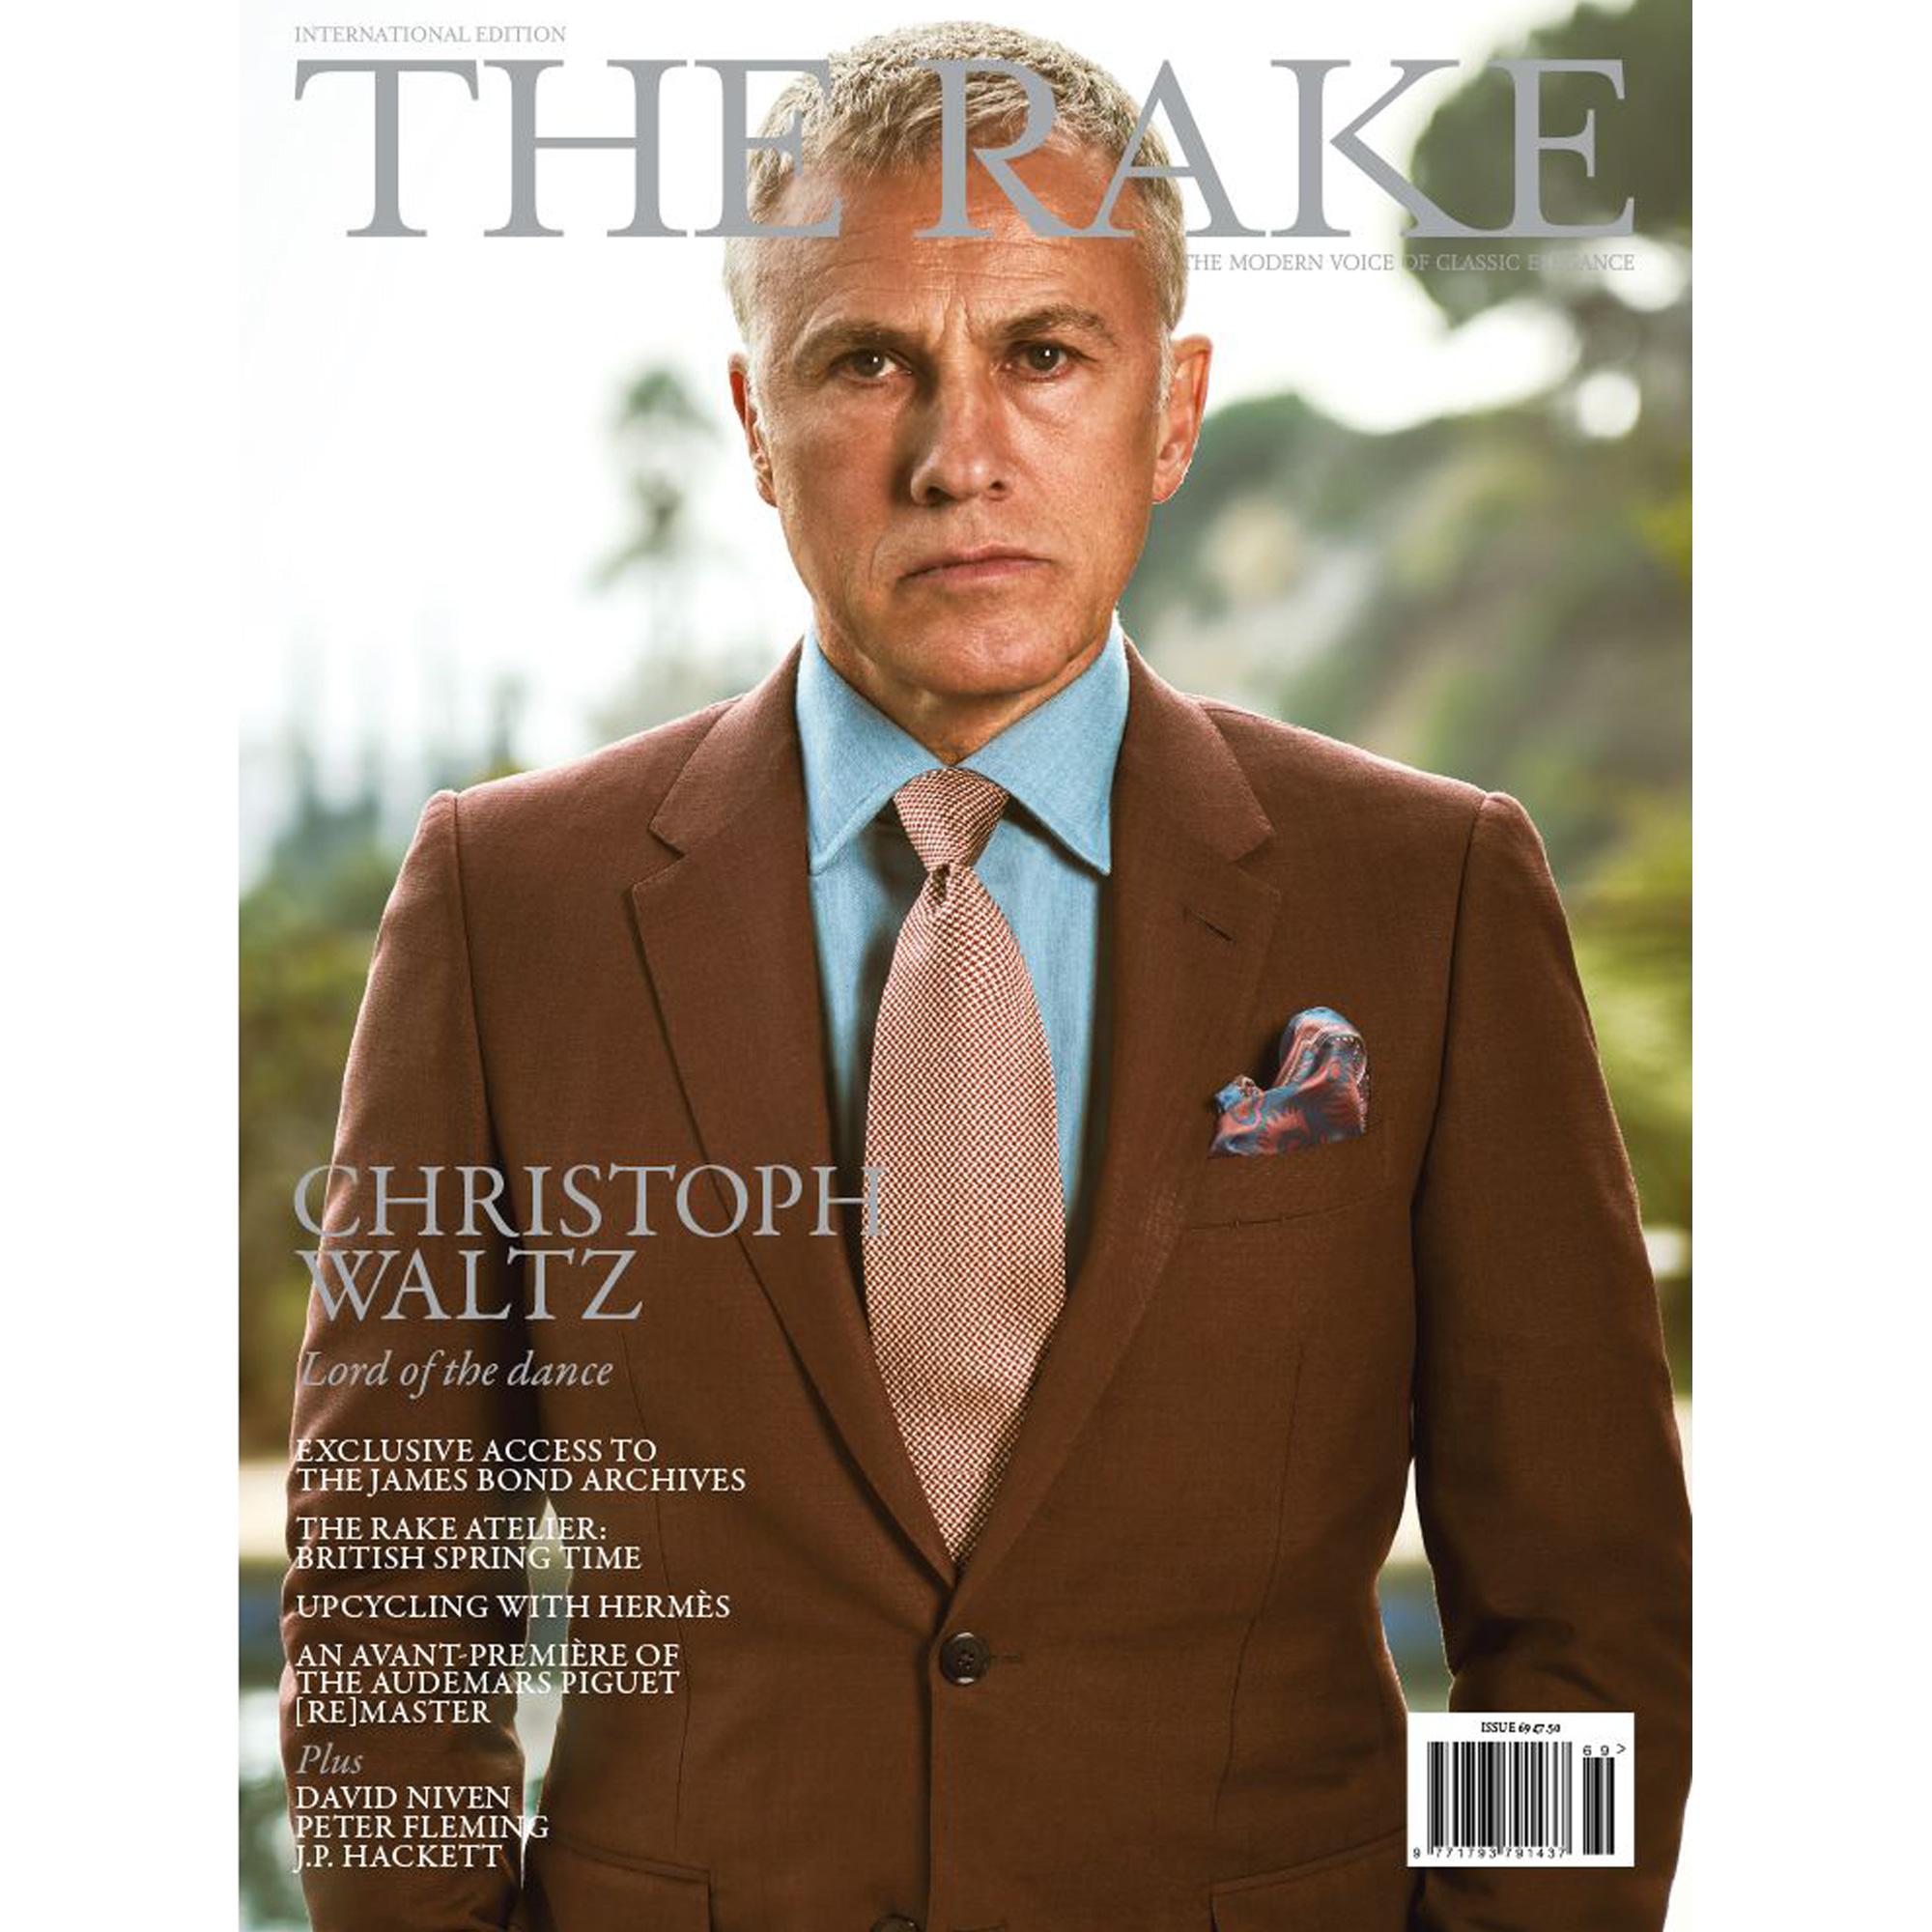 https://timothyeverest.co.uk/wp-content/uploads/2020/04/The-Rake-Issue-69-1.jpg